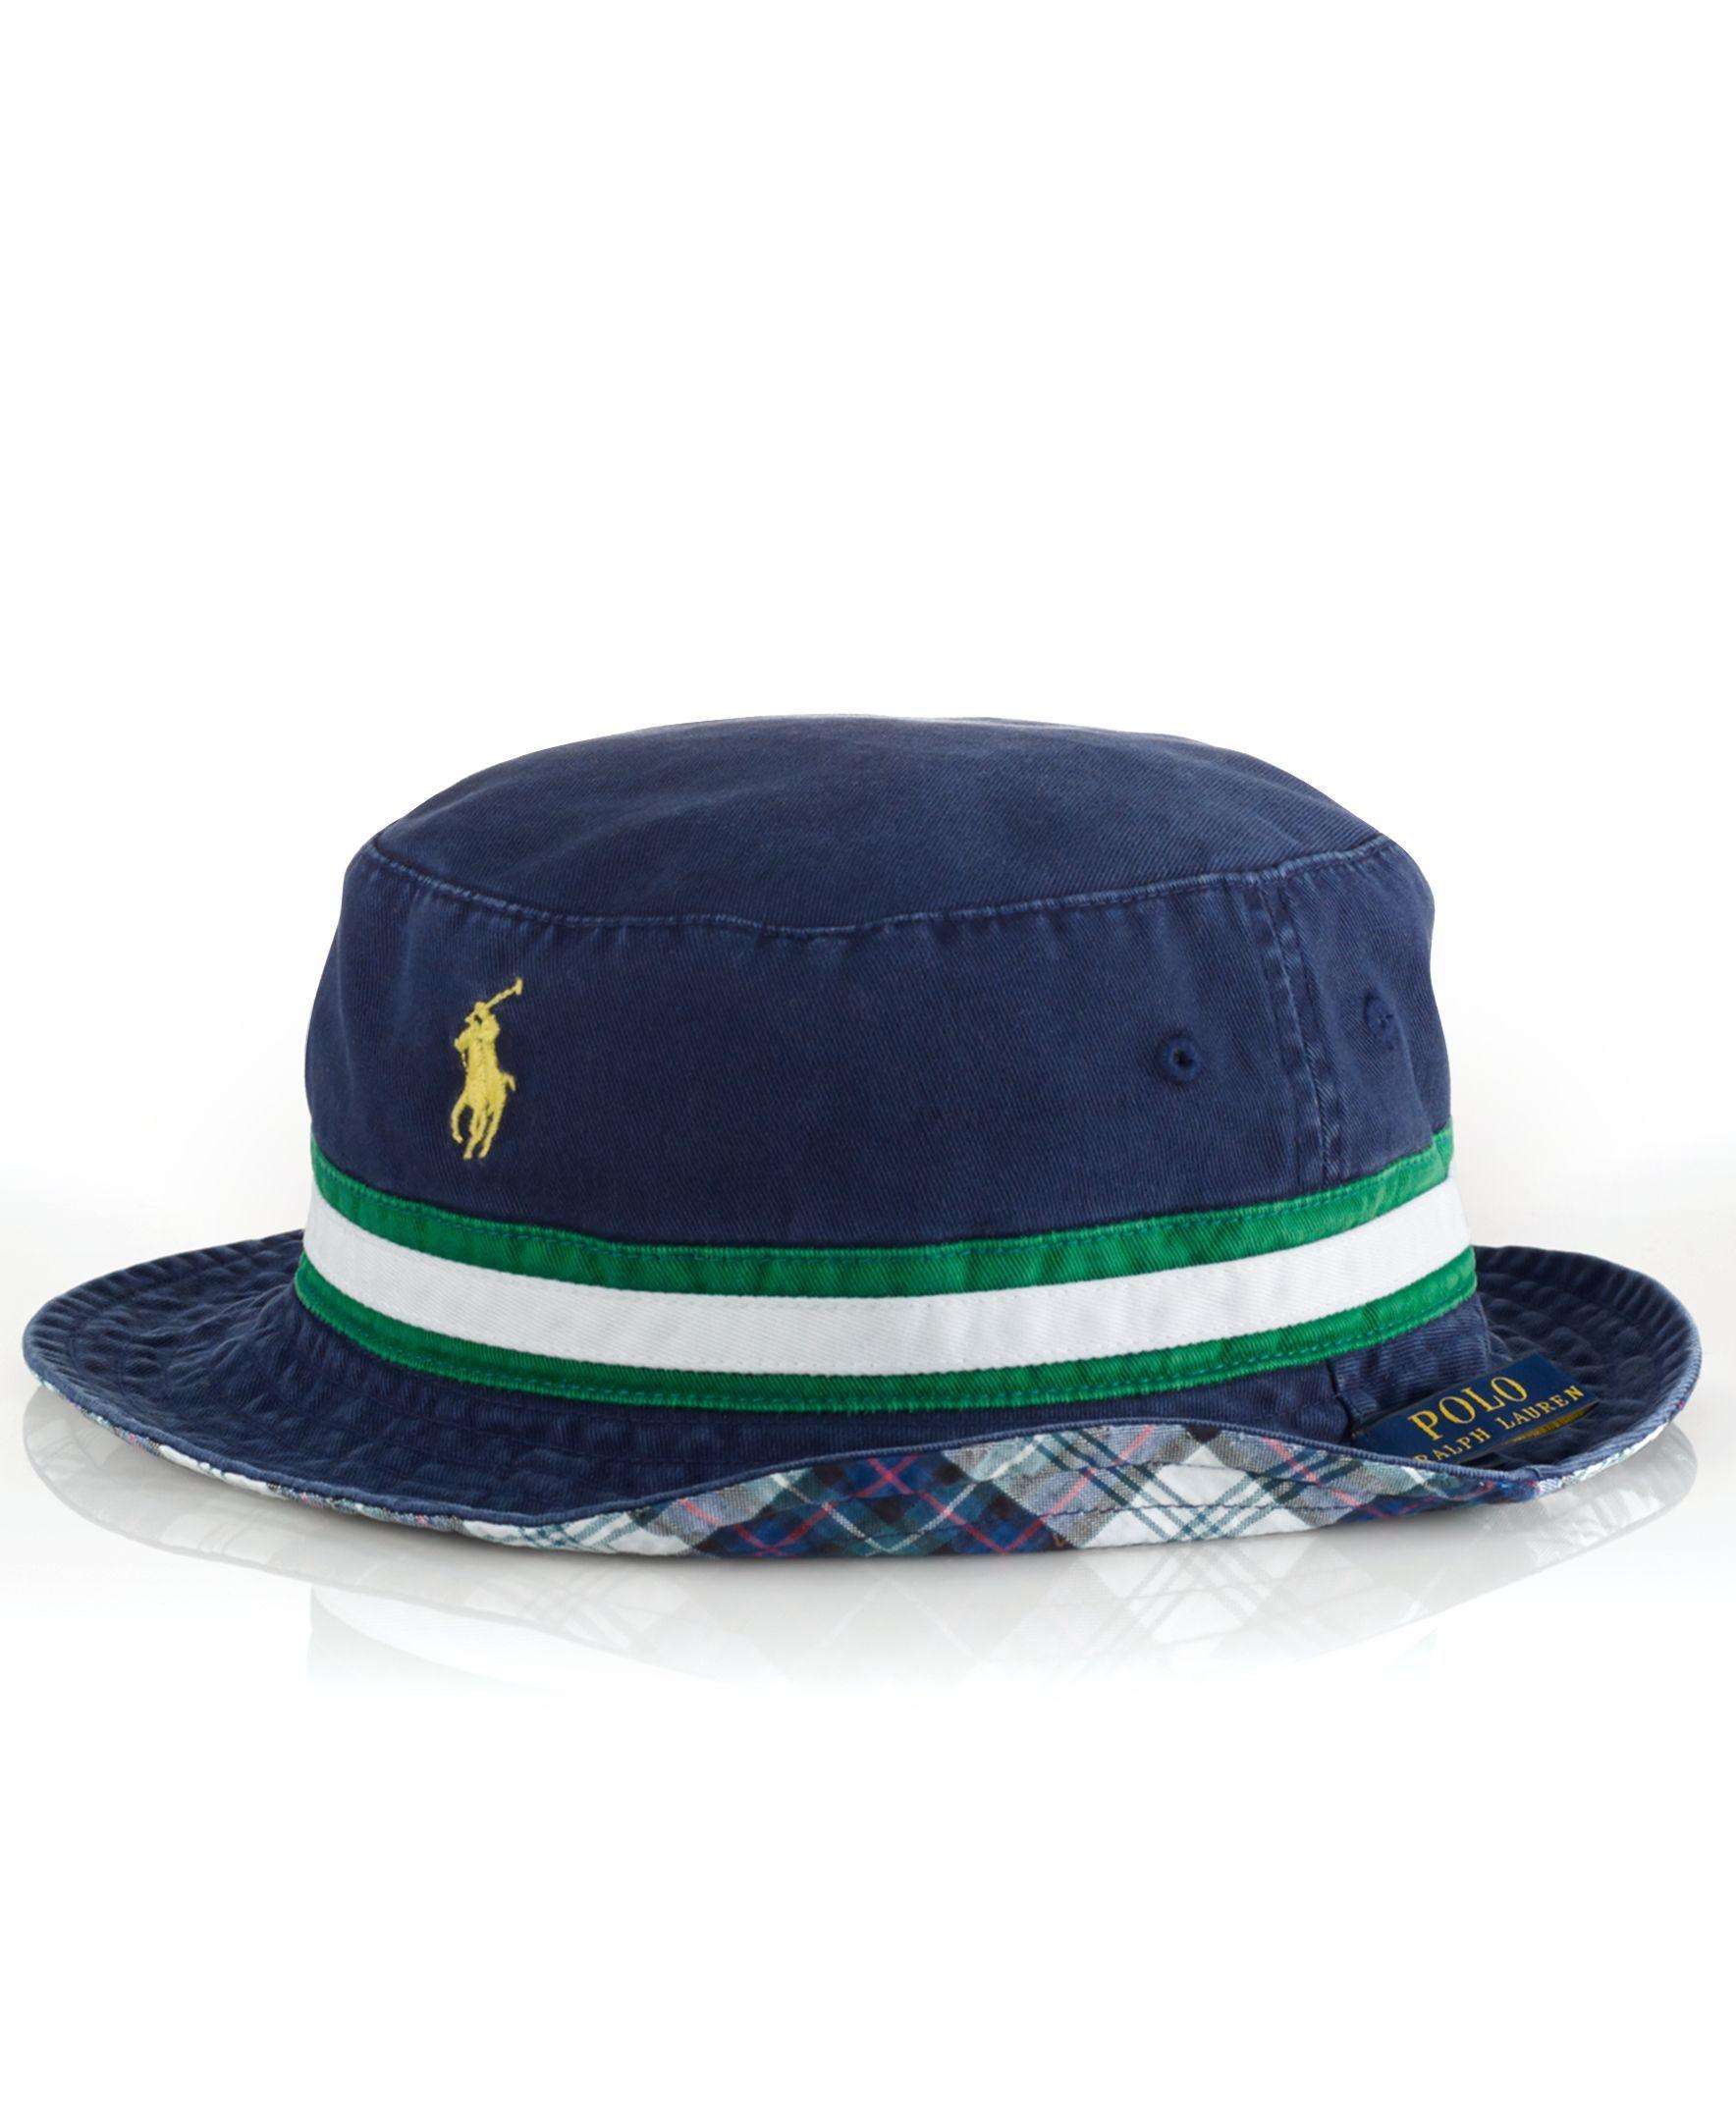 db14a38e0d45b Polo Ralph Lauren Reversible Tartan Bucket Hat